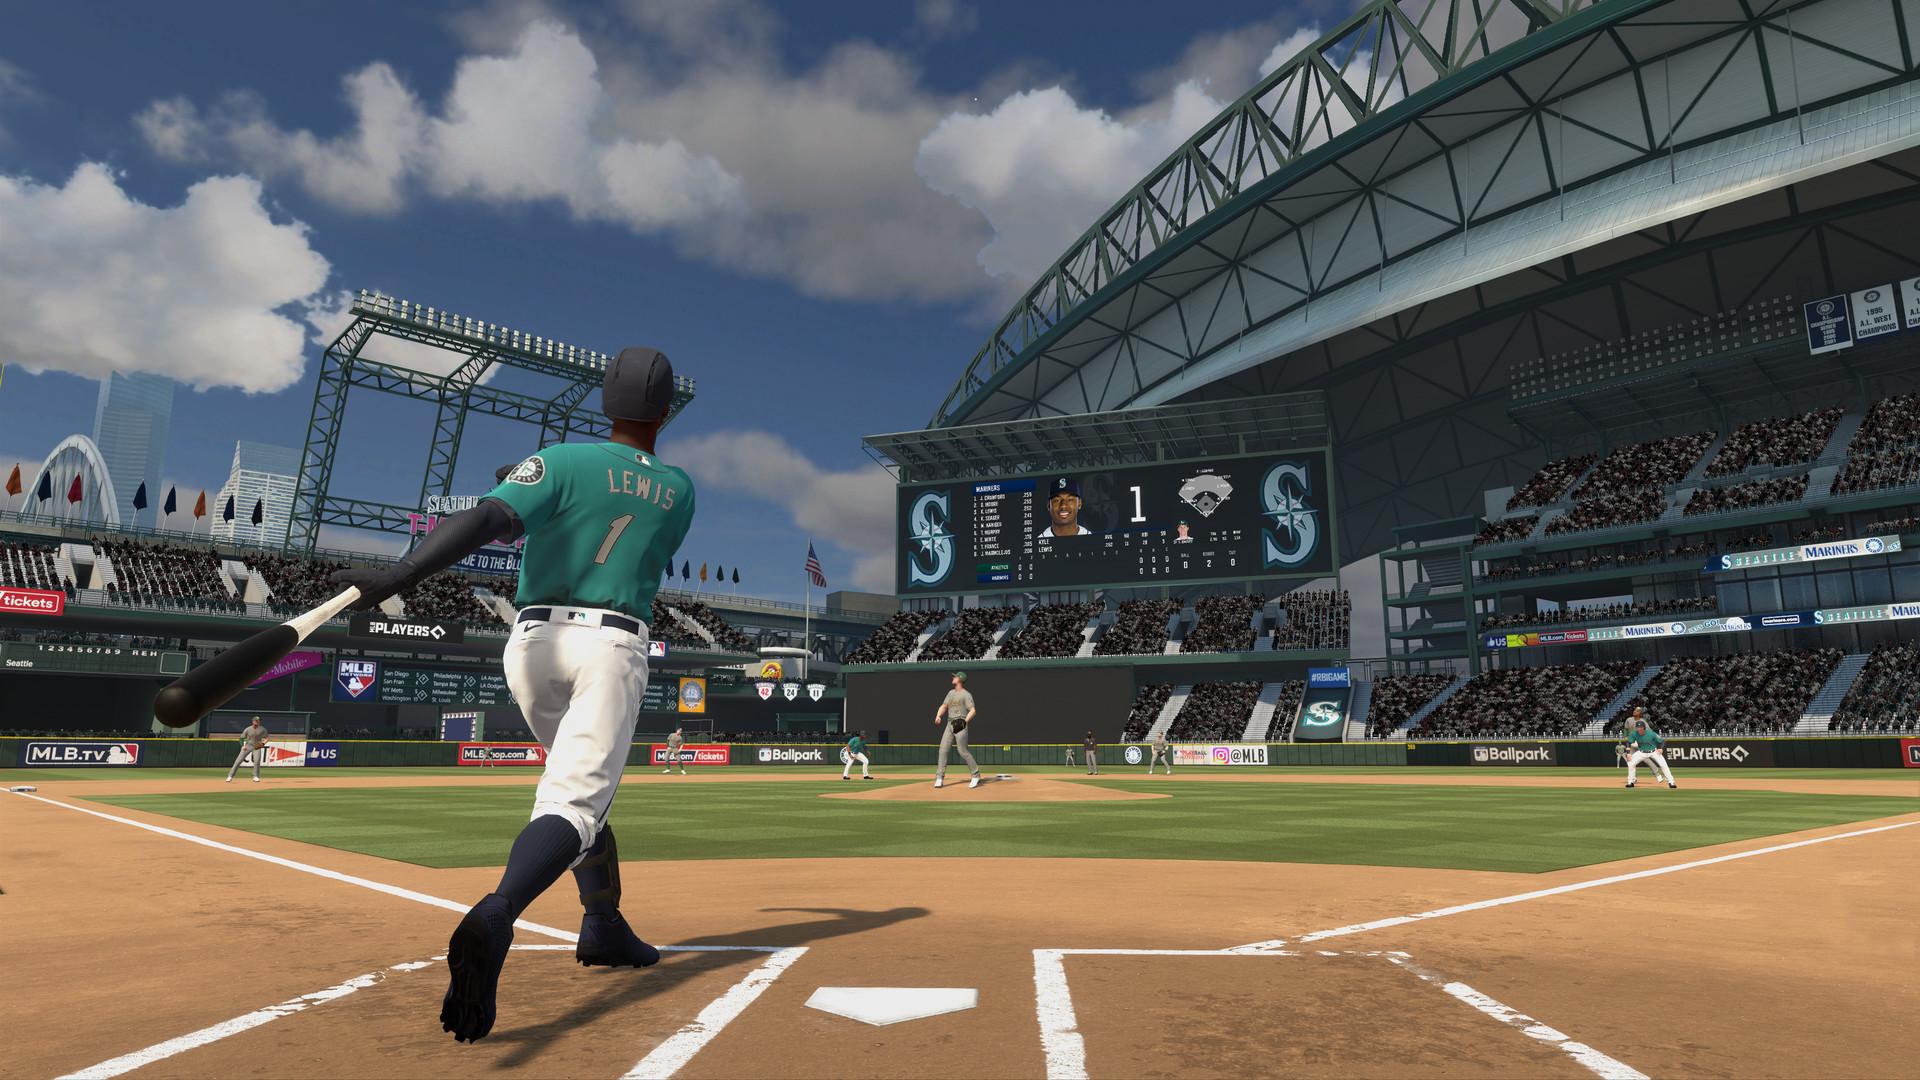 RBI Baseball 21 telecharger